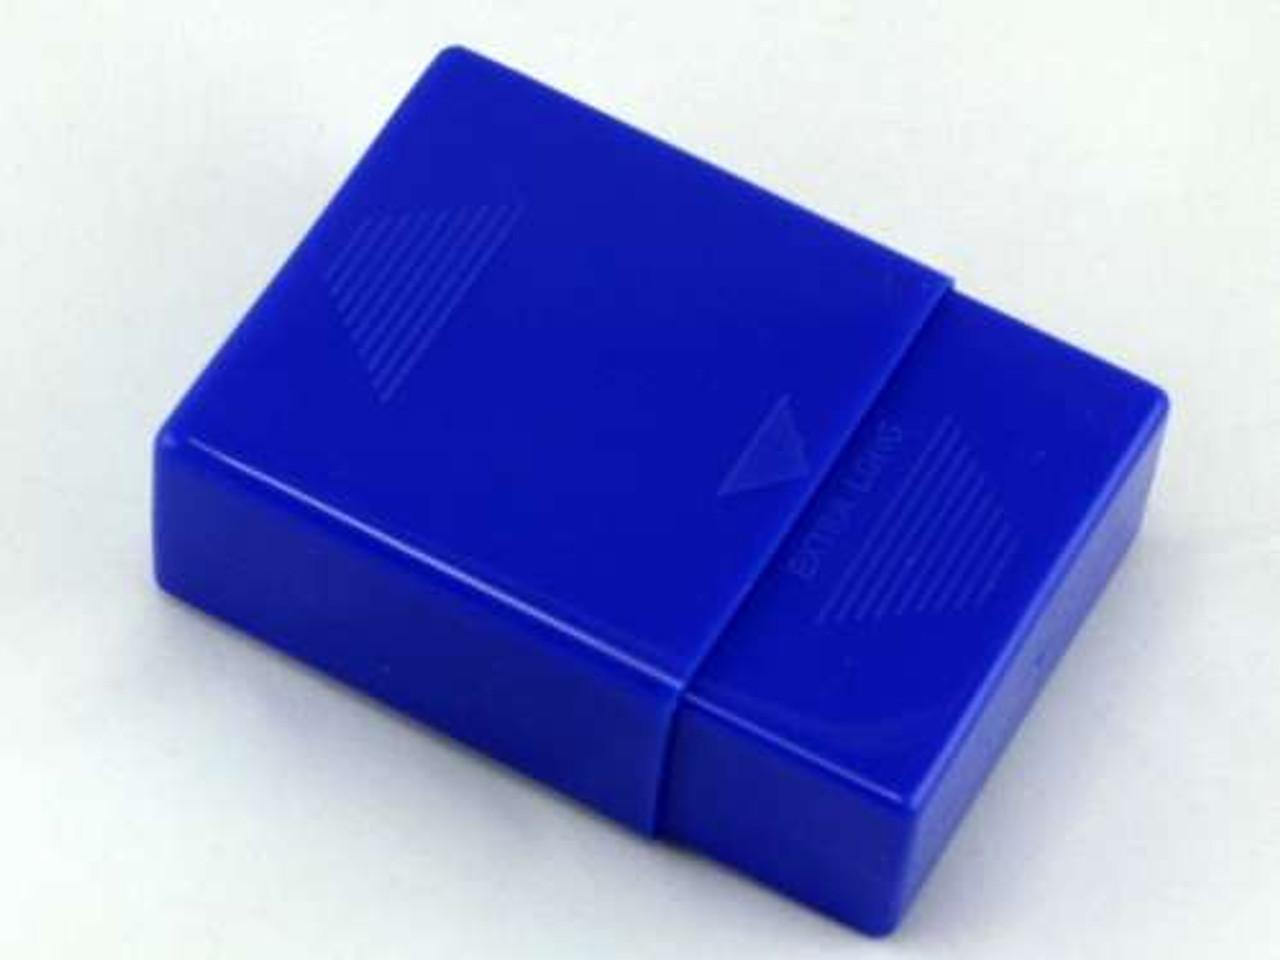 Blue Drift Cigarette Pack Holder